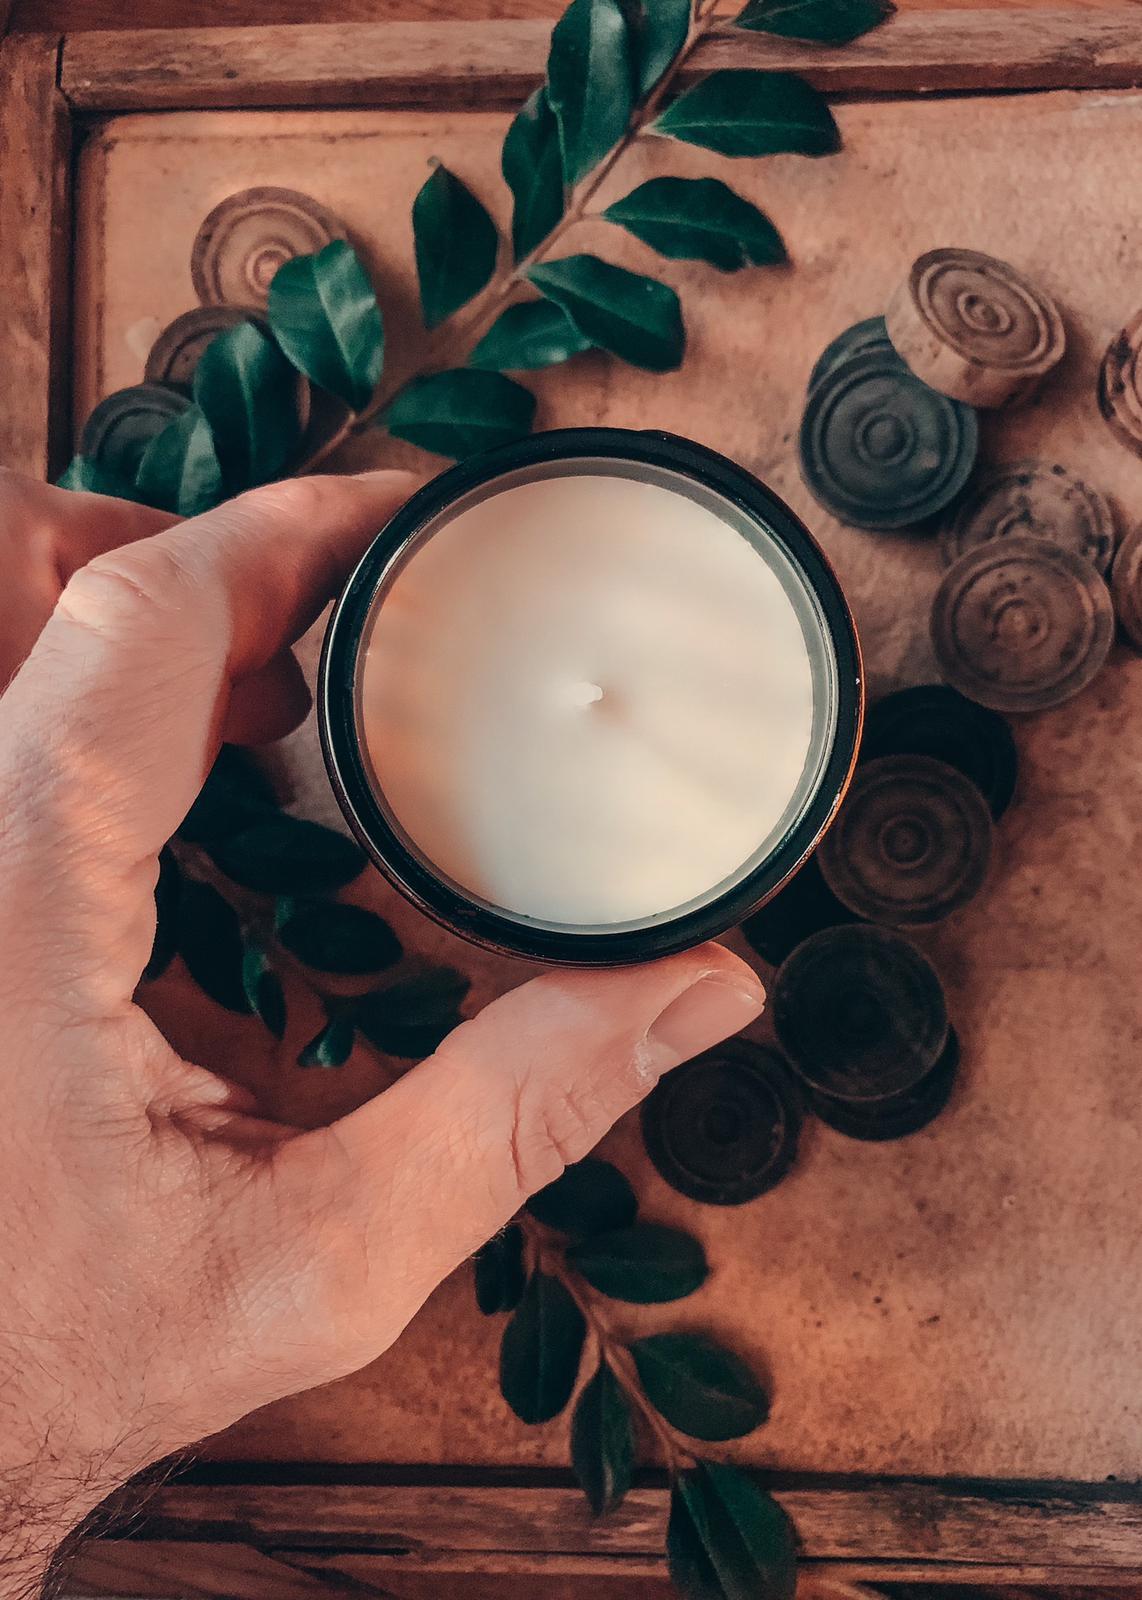 zafferano e legno di cedro candela mede in italy artigianale candele casa soia